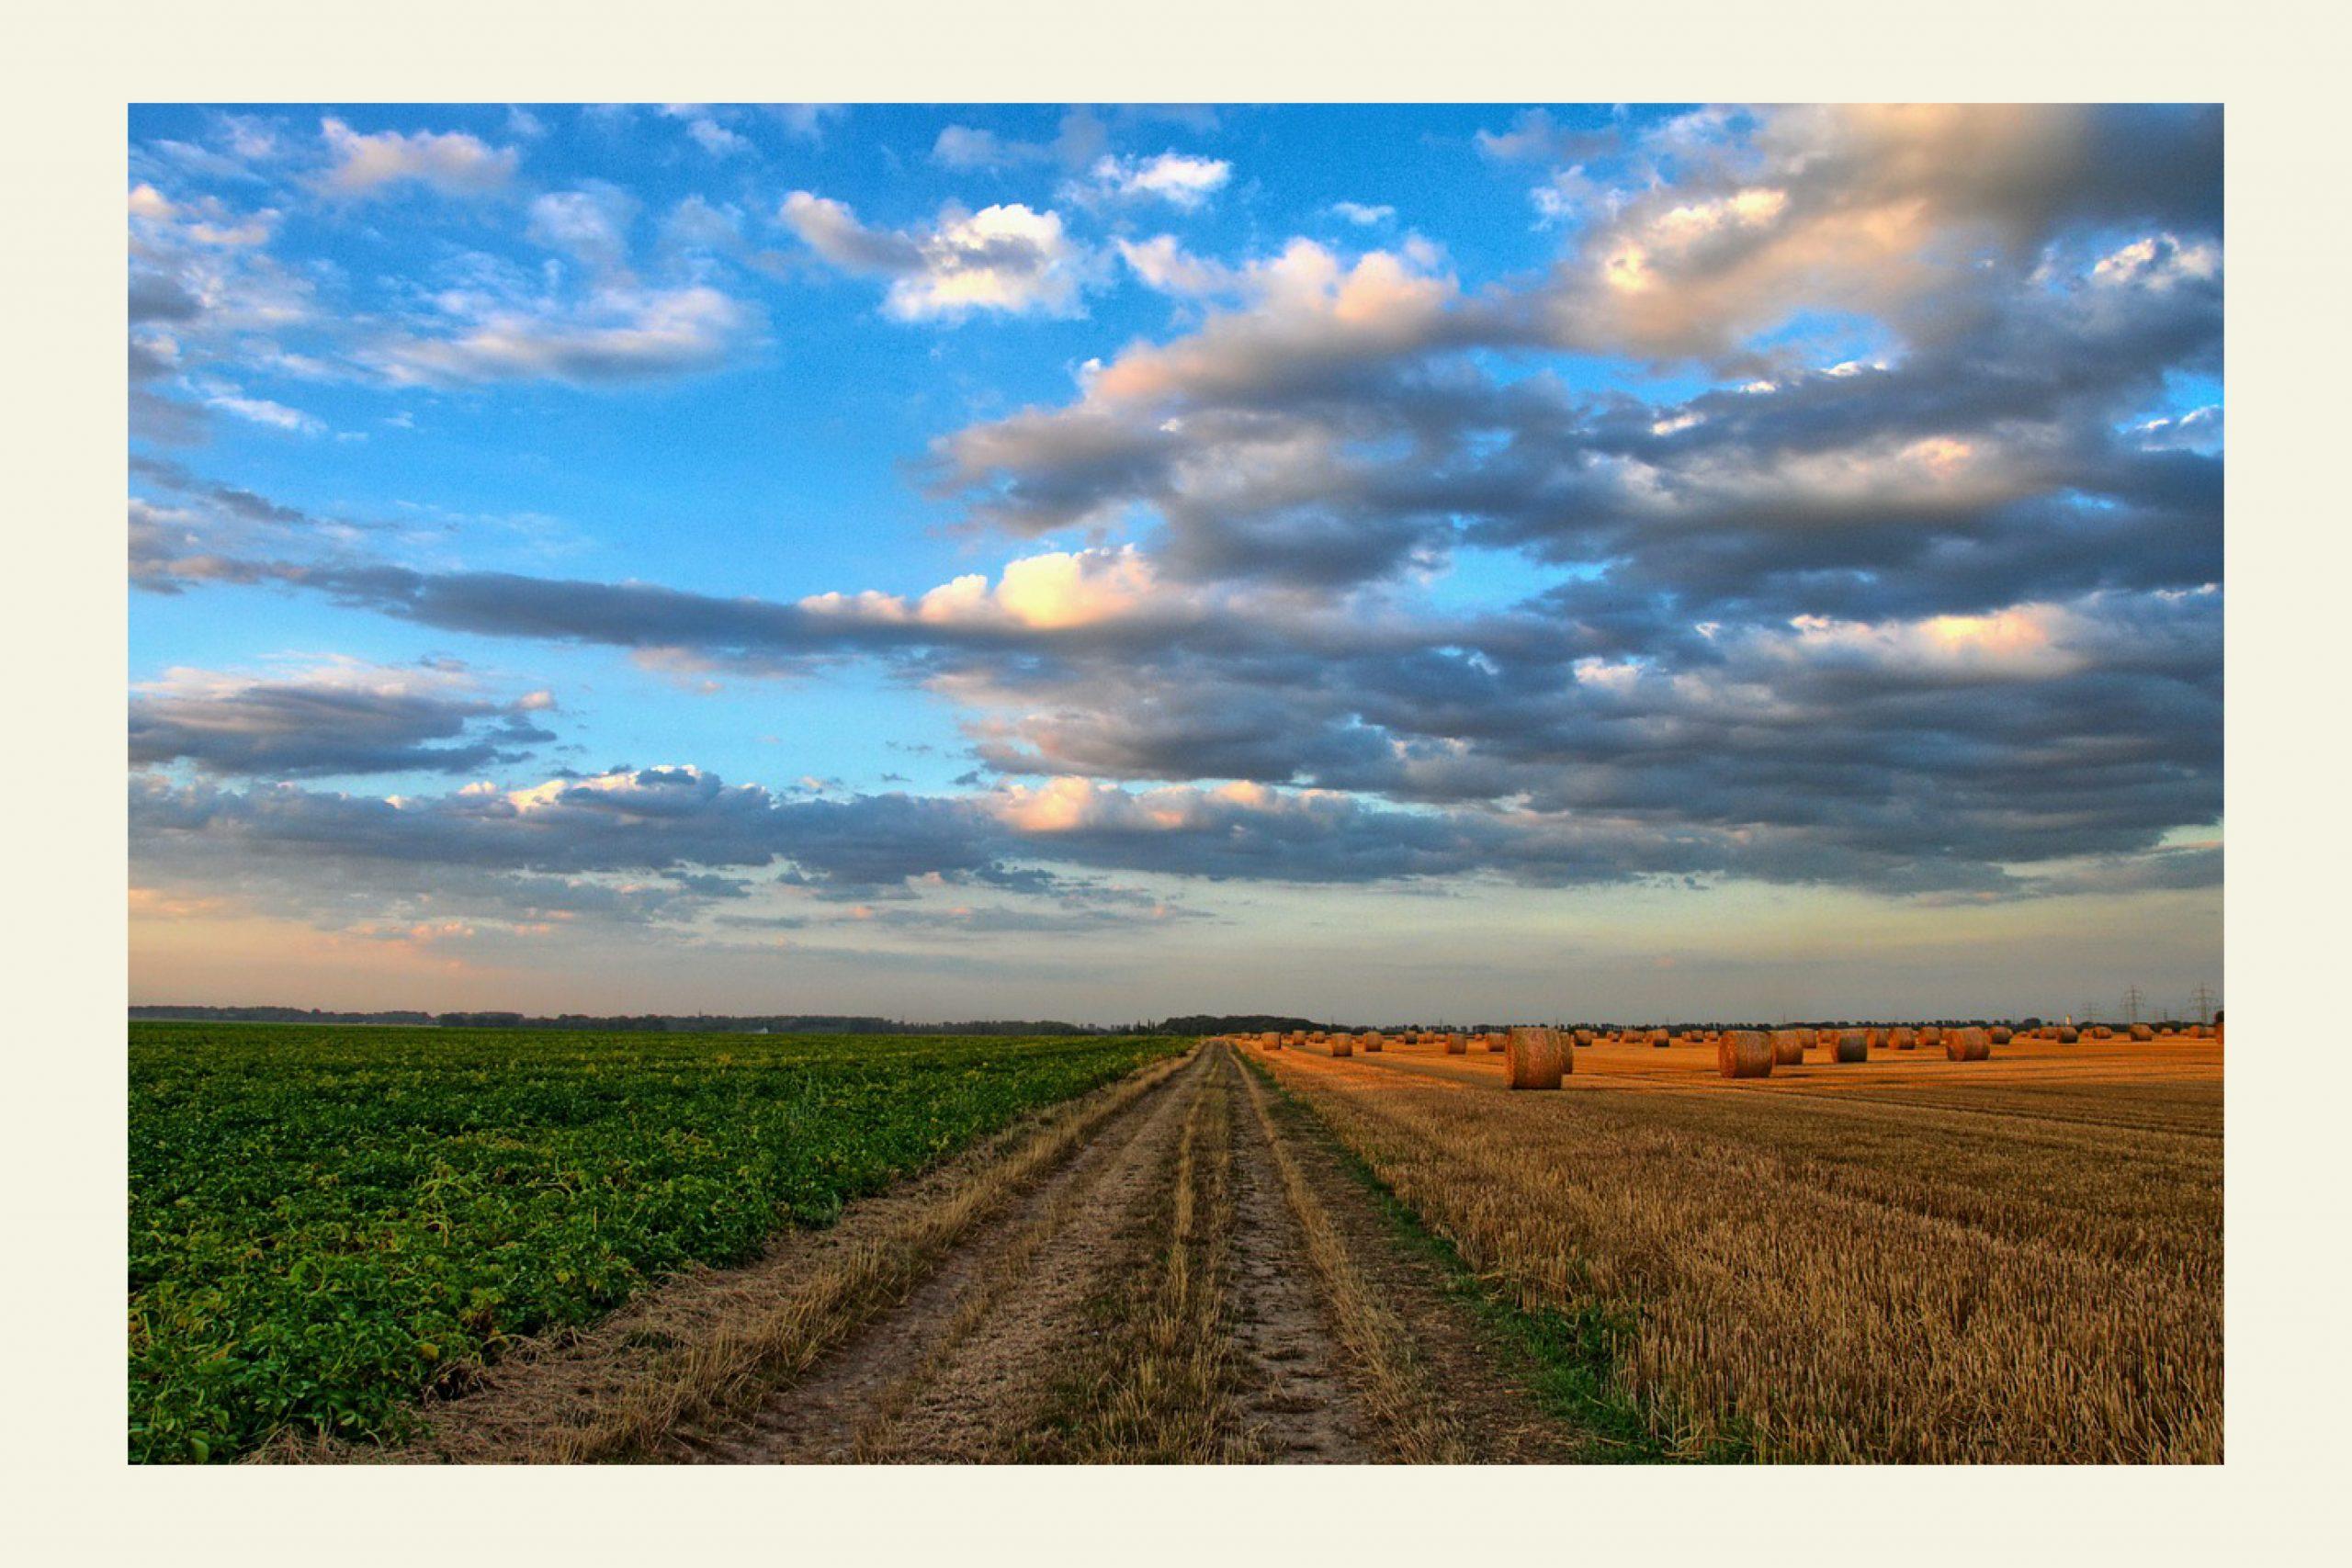 La prelazione agraria: quali sono gli attuali orientamenti?